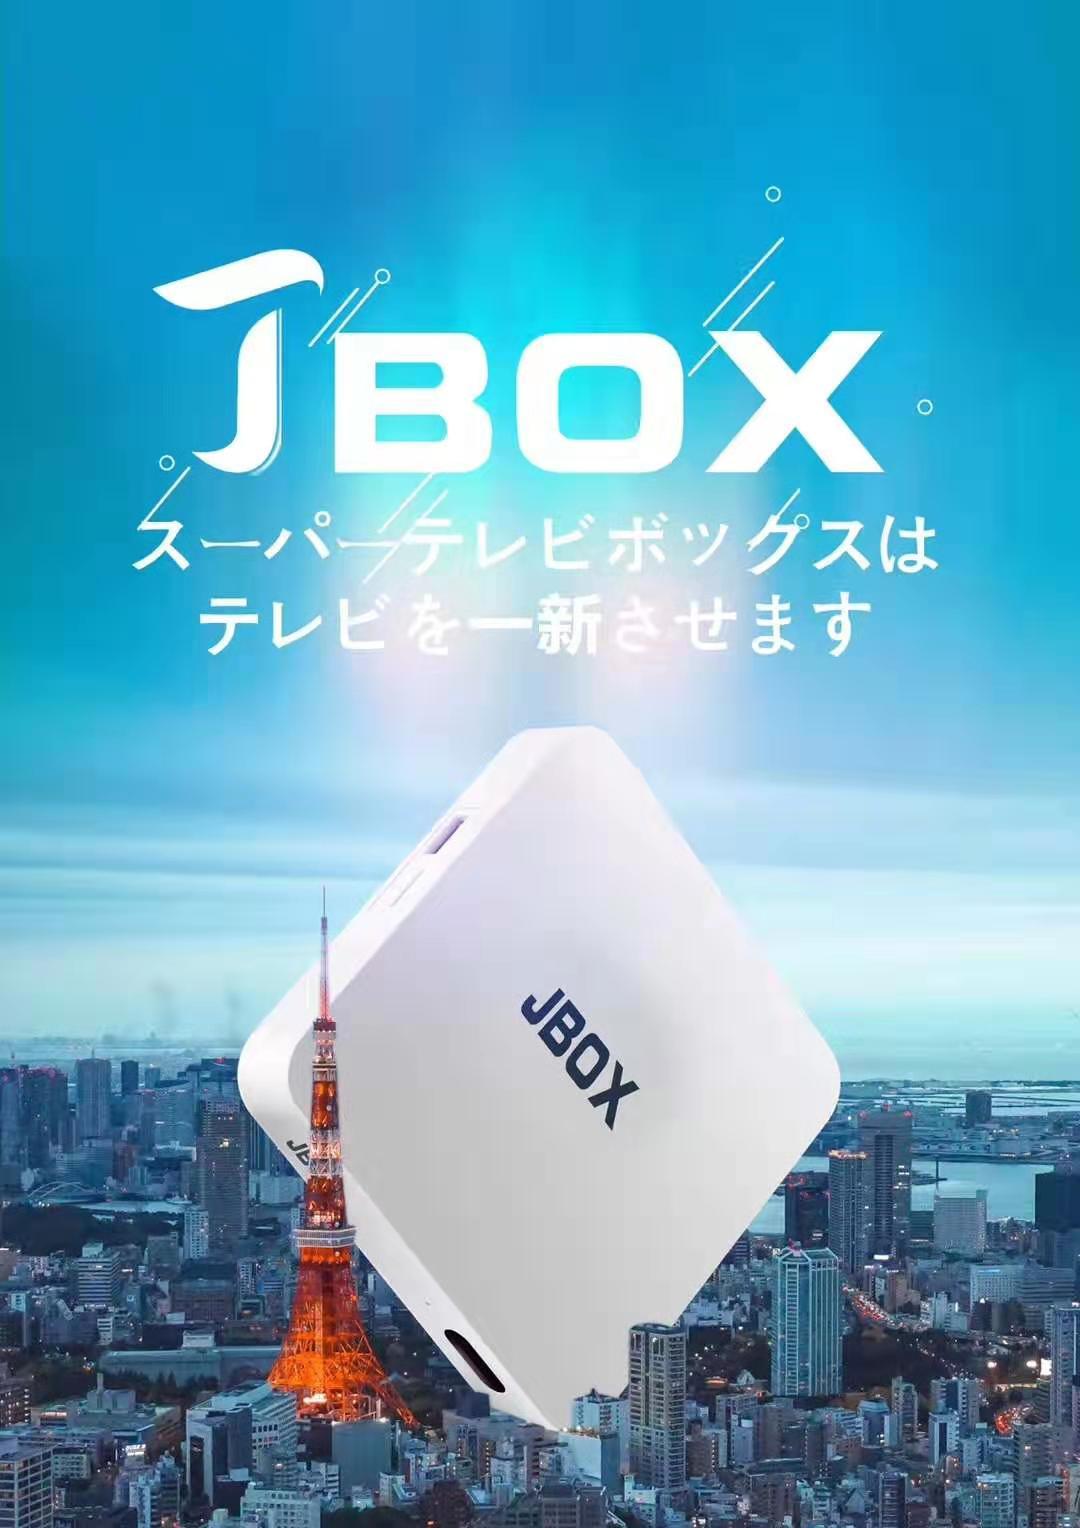 2019 новая версия Ubox JBOX японская версия HDMI 2,0 ТВ приставка Android 7,0 1 Гб + 16 Гб JP ТВ канал воспроизведения